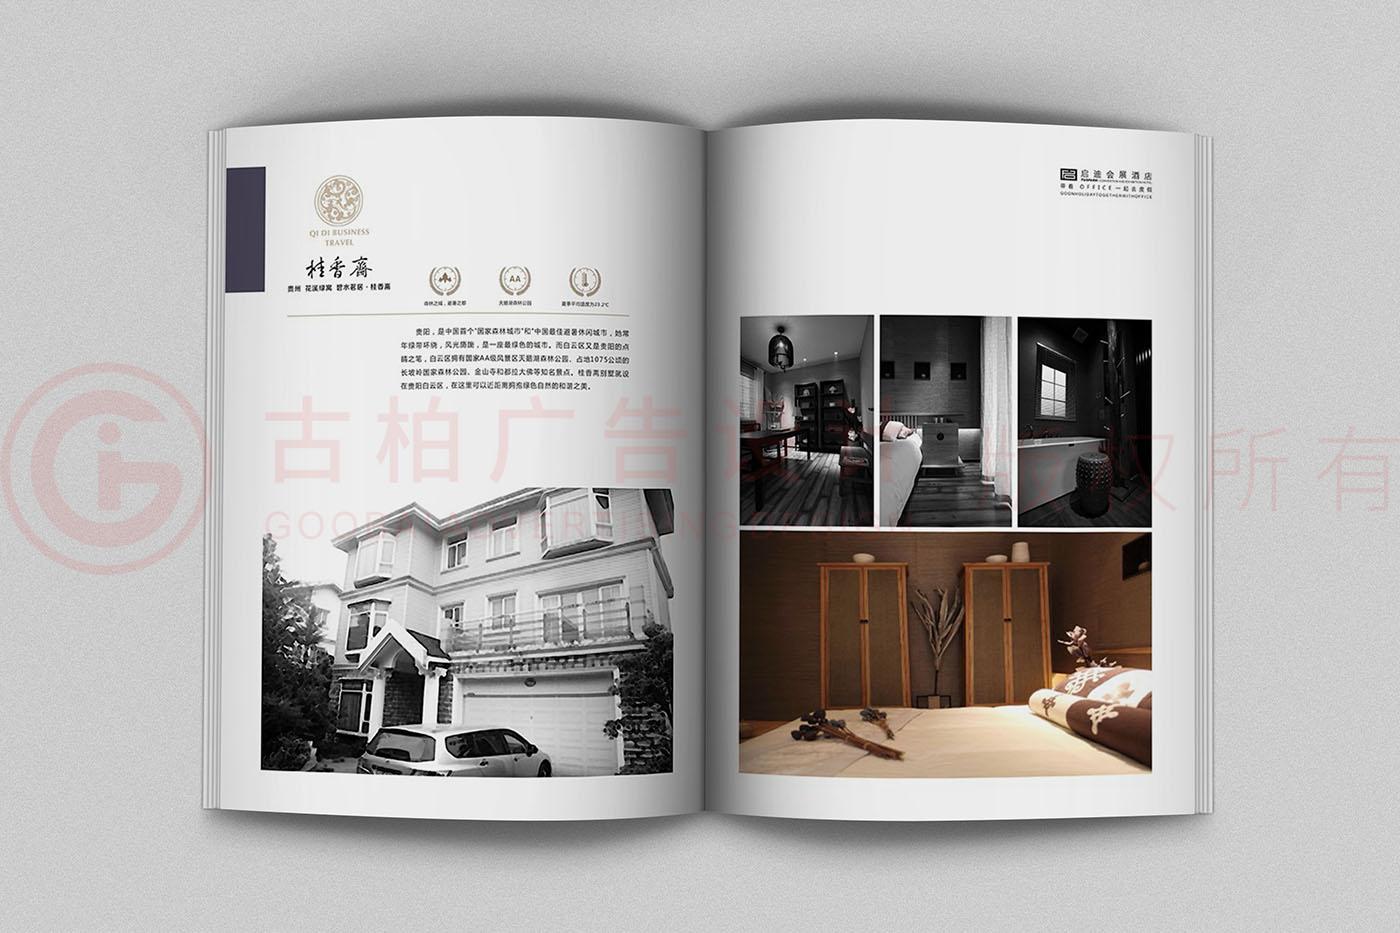 商旅画册设计,招商手册设计,酒店商旅招商手册公司